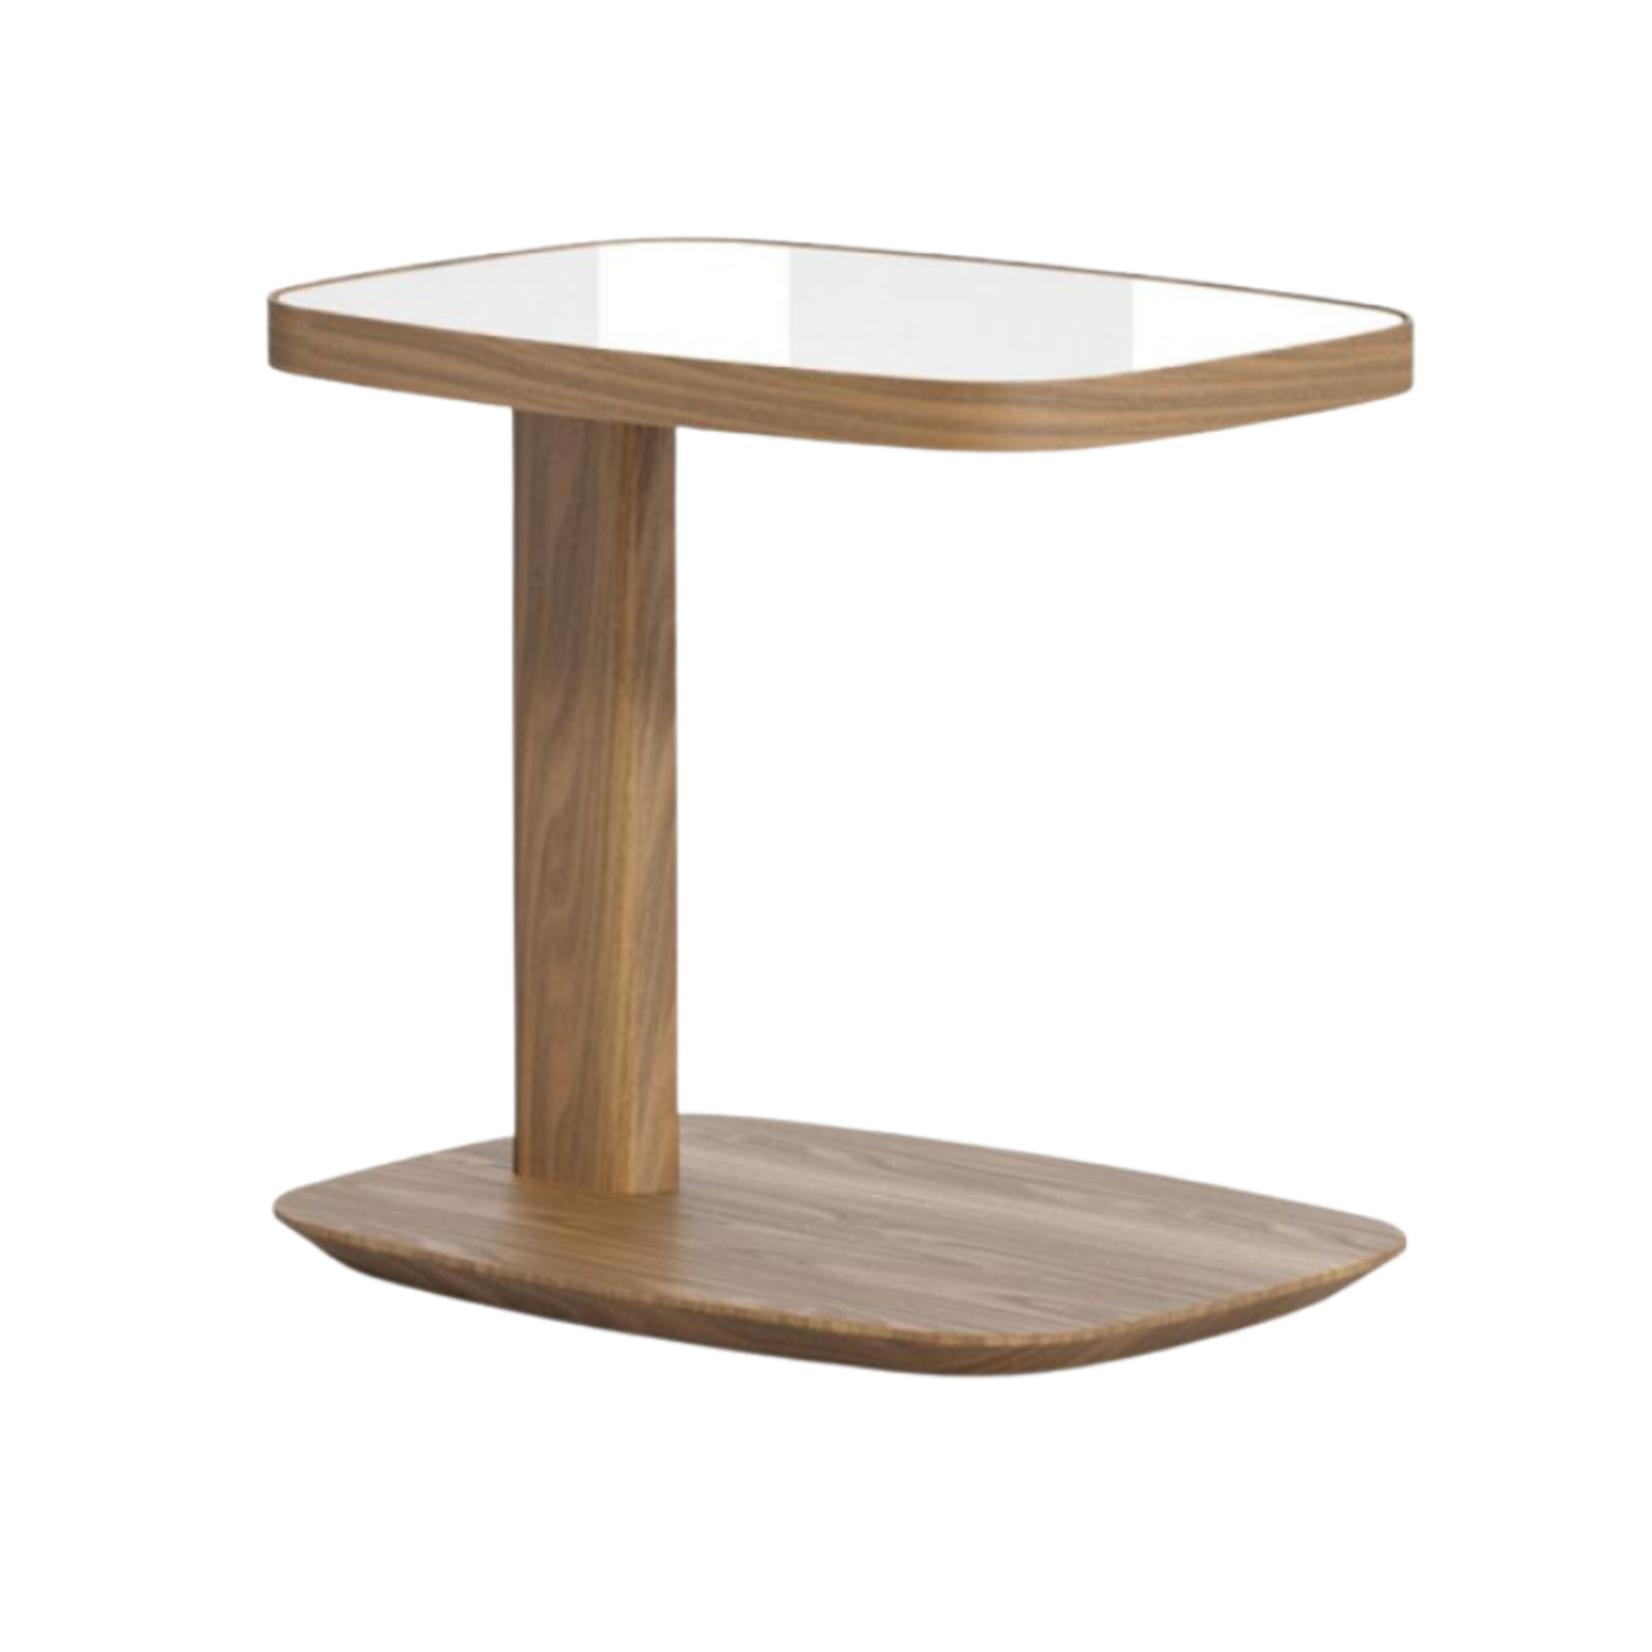 Harmony Studio Chanel Side Table